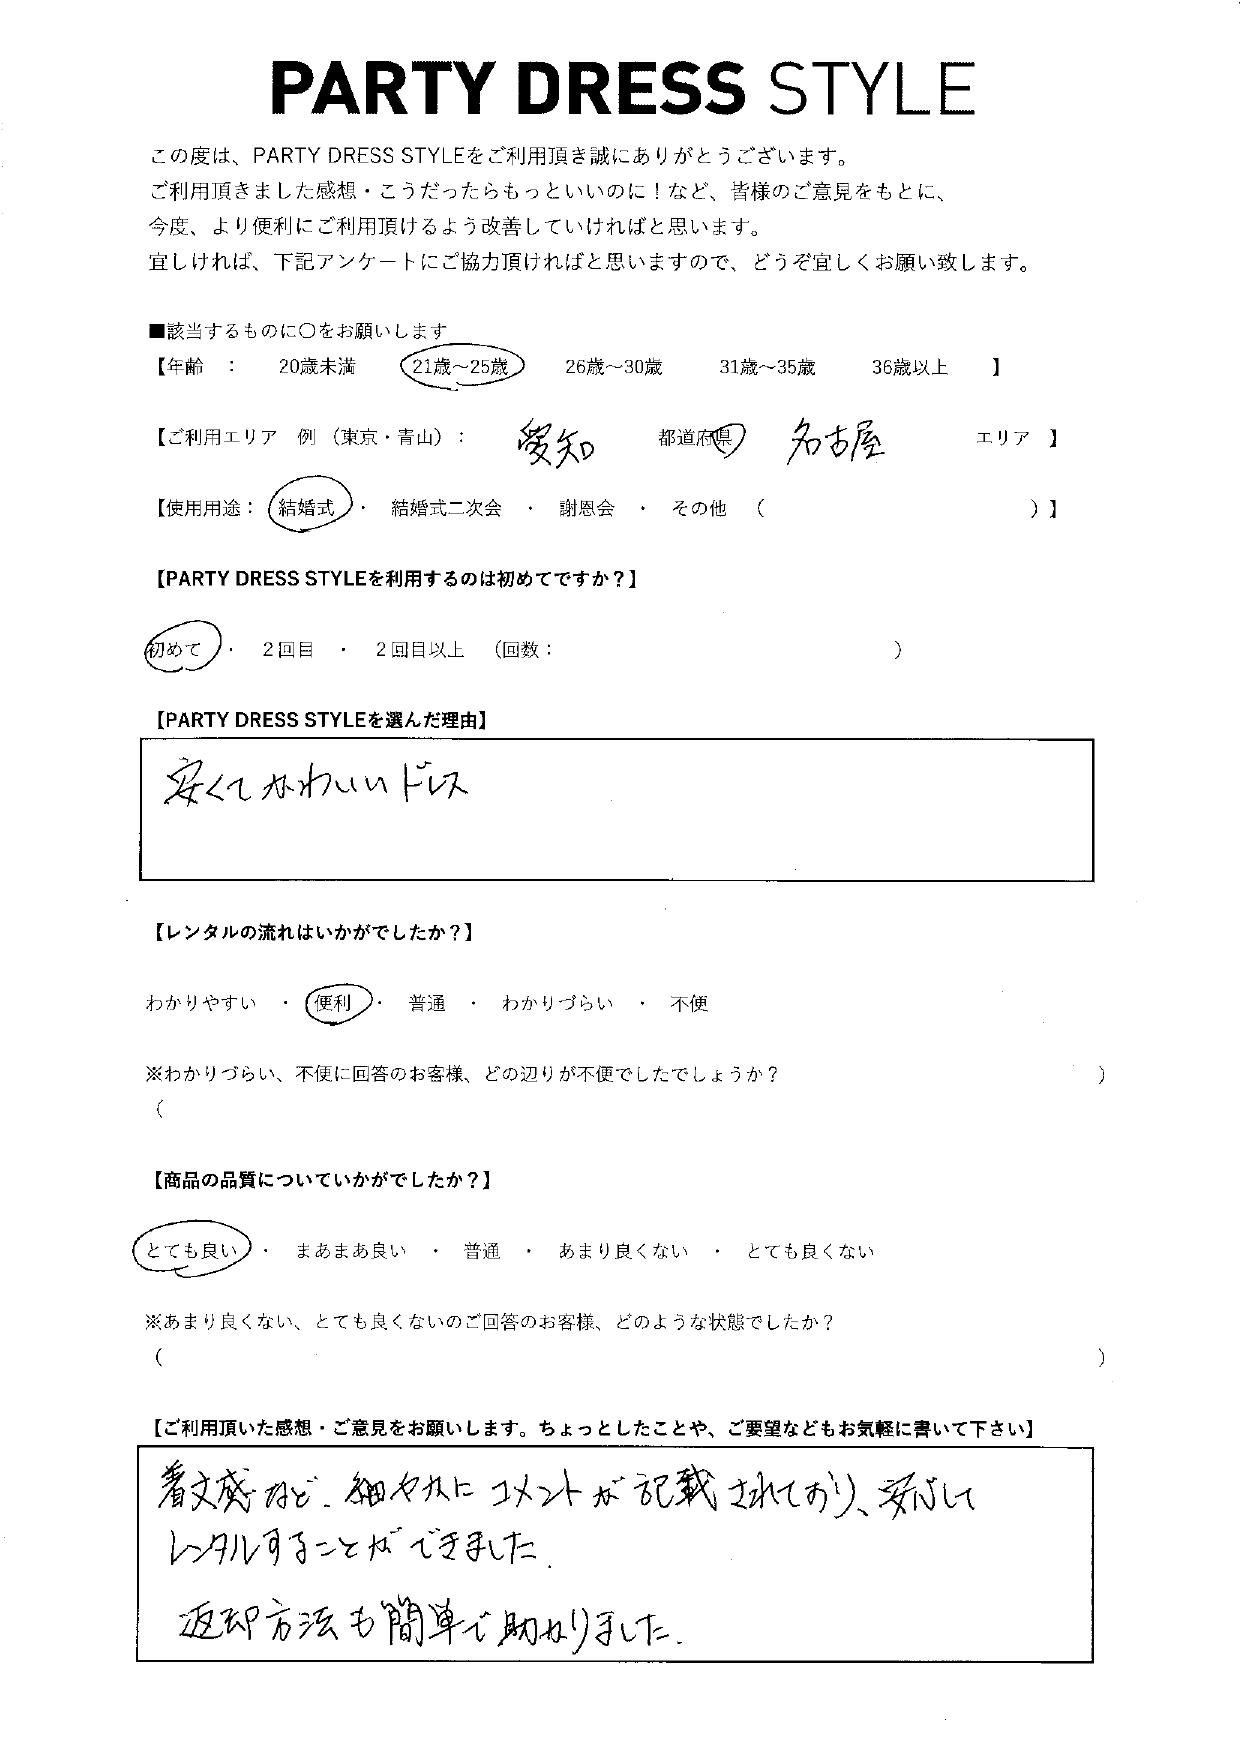 11/8結婚式ご利用 愛知・名古屋エリア